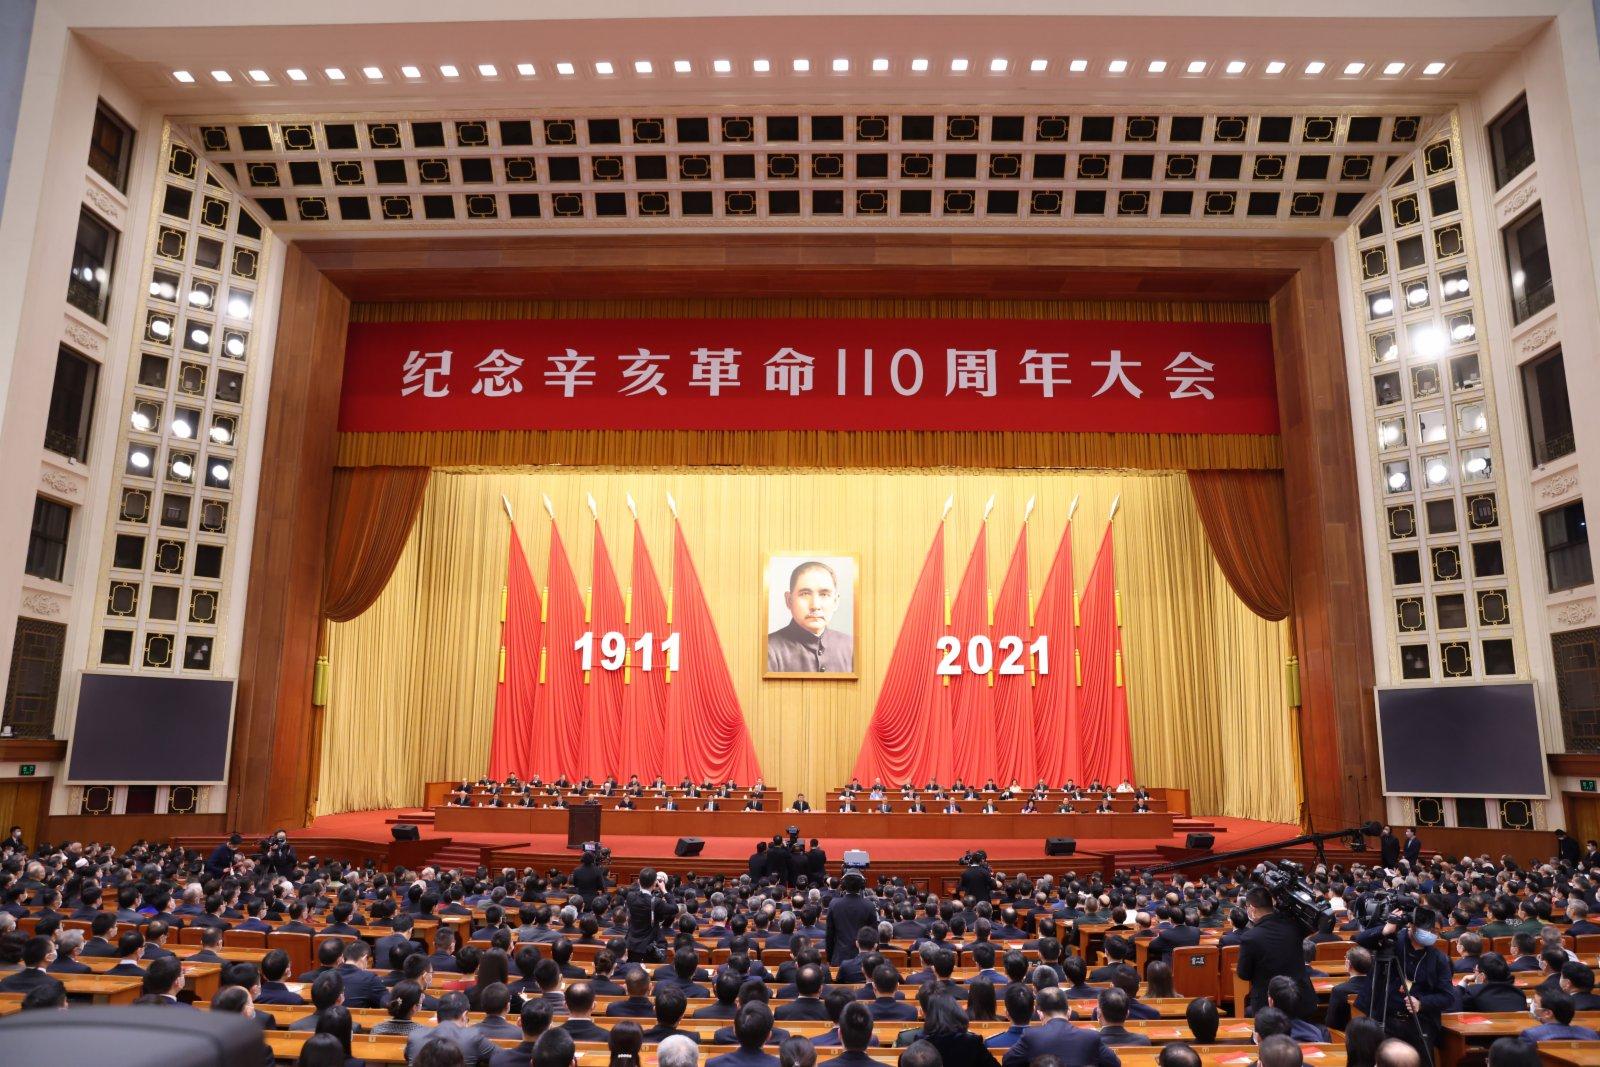 10月9日上午,紀念辛亥革命110周年大會在北京人民大會堂隆重舉行。 中新社